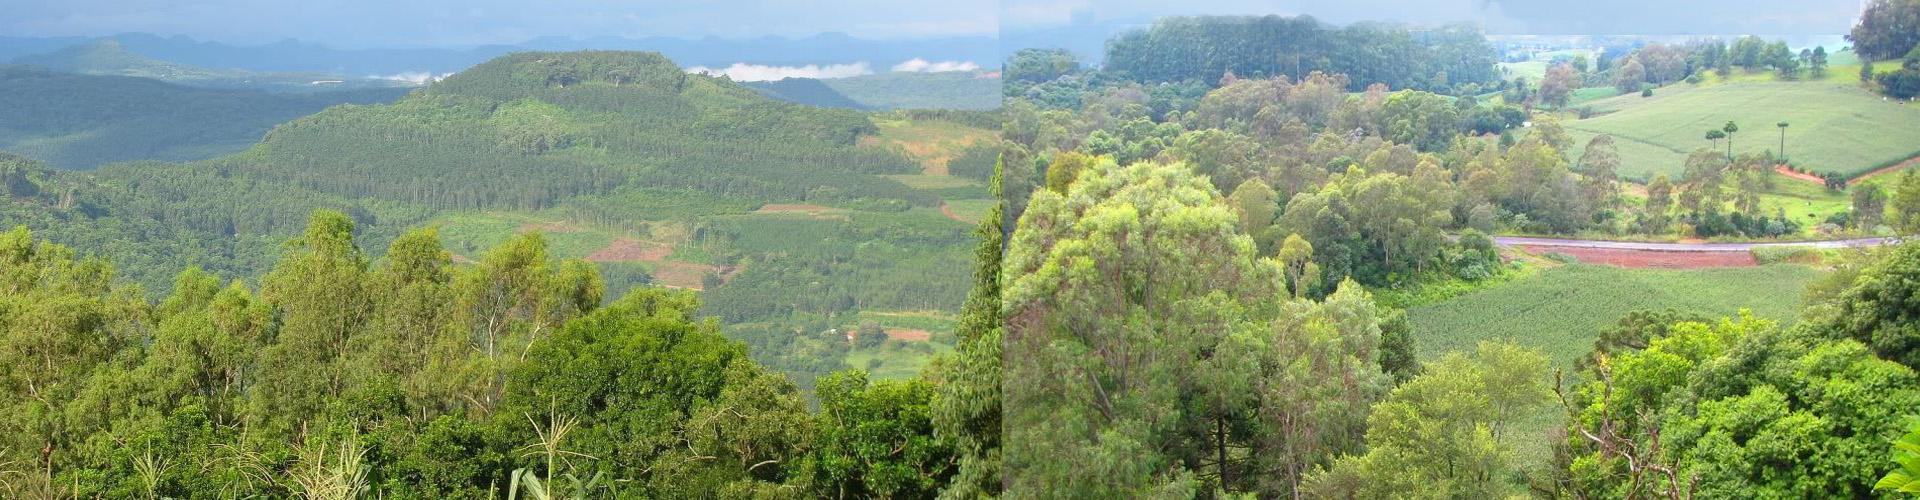 Carlos Barbosa, RS, duas vistas a partir do Morro do Calvário |http://www.skyscrapercity.com